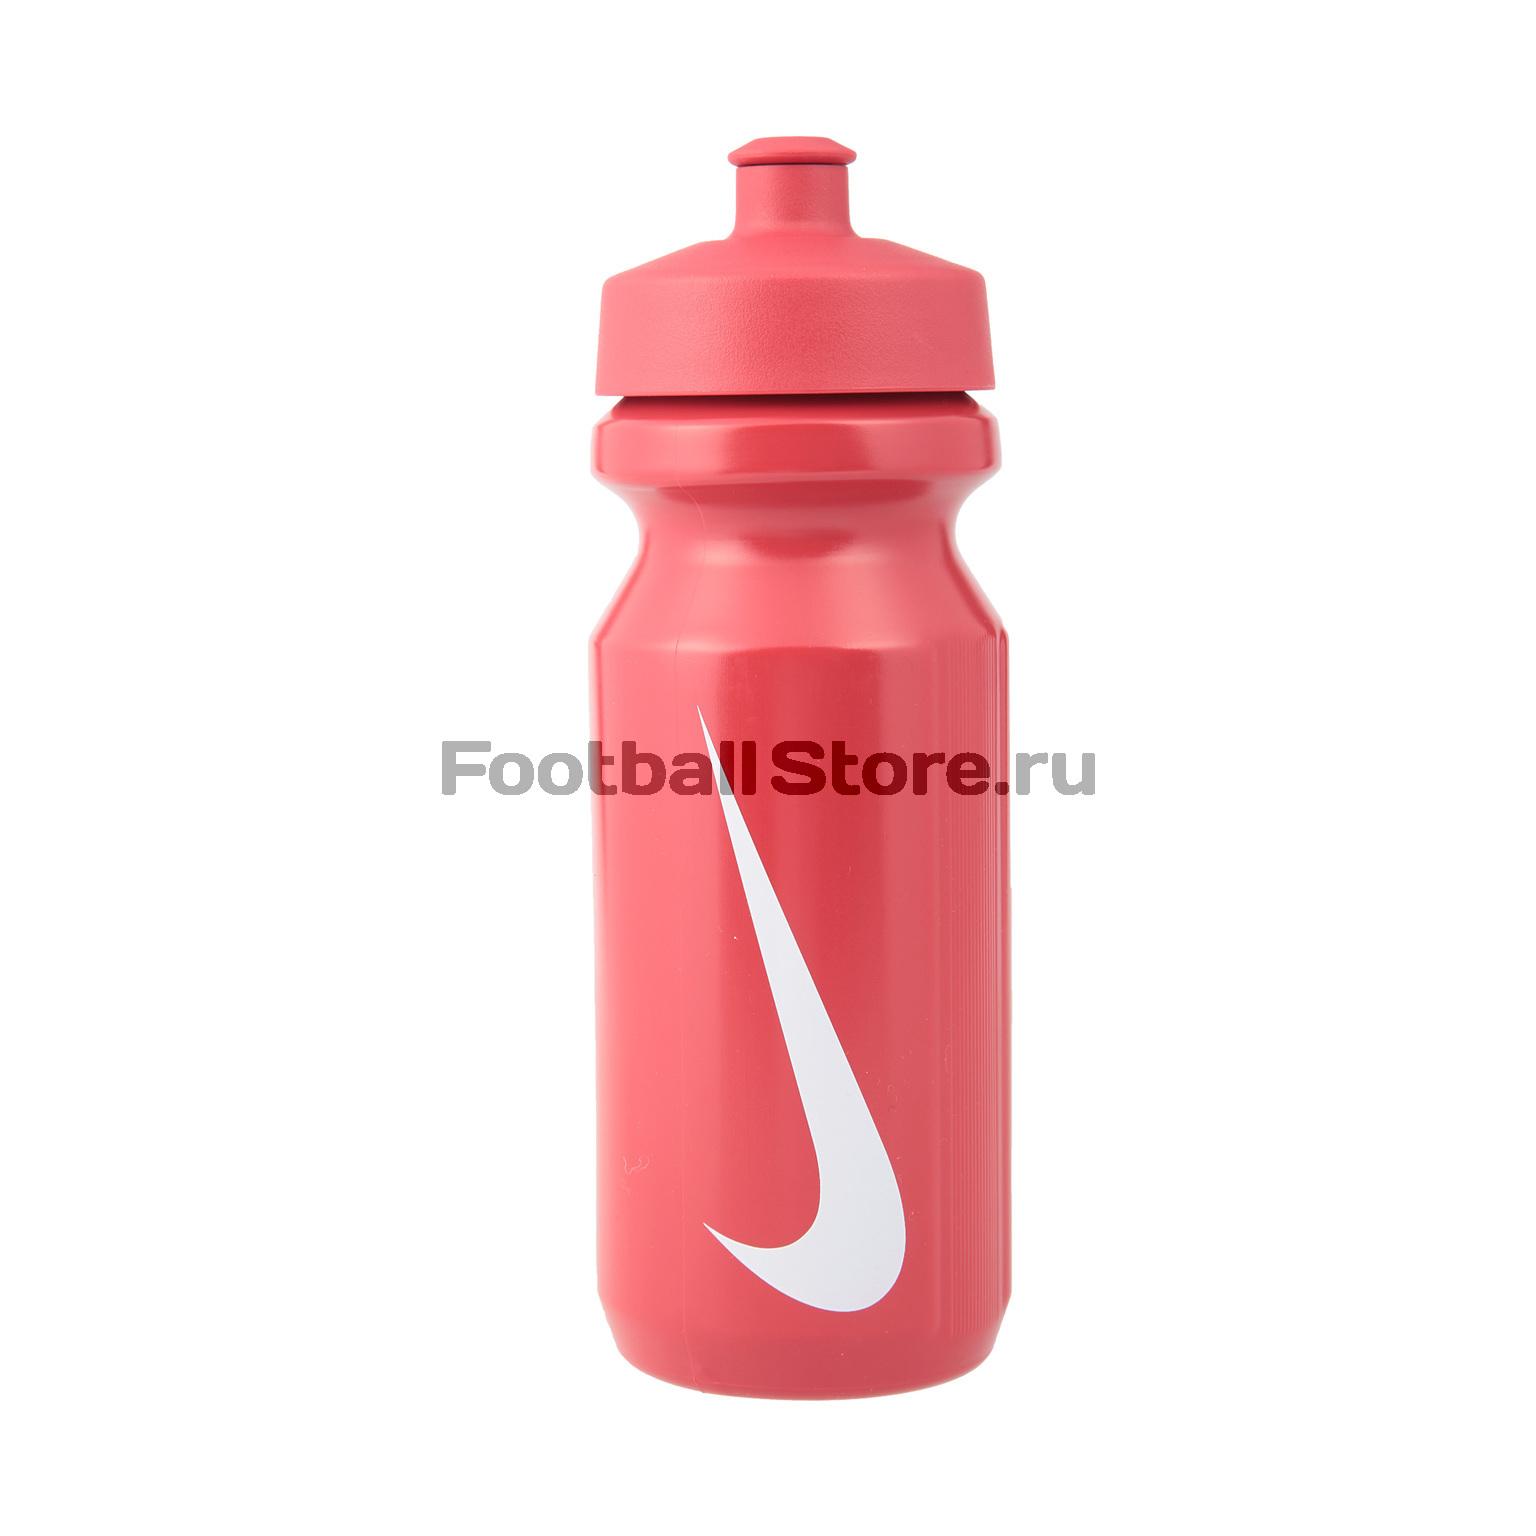 Бутылка для воды Nike Big Mouth Water 220 Z Sport N.OB.17.660.22 бутылка для воды nike sport water bottle 9 341 009 623